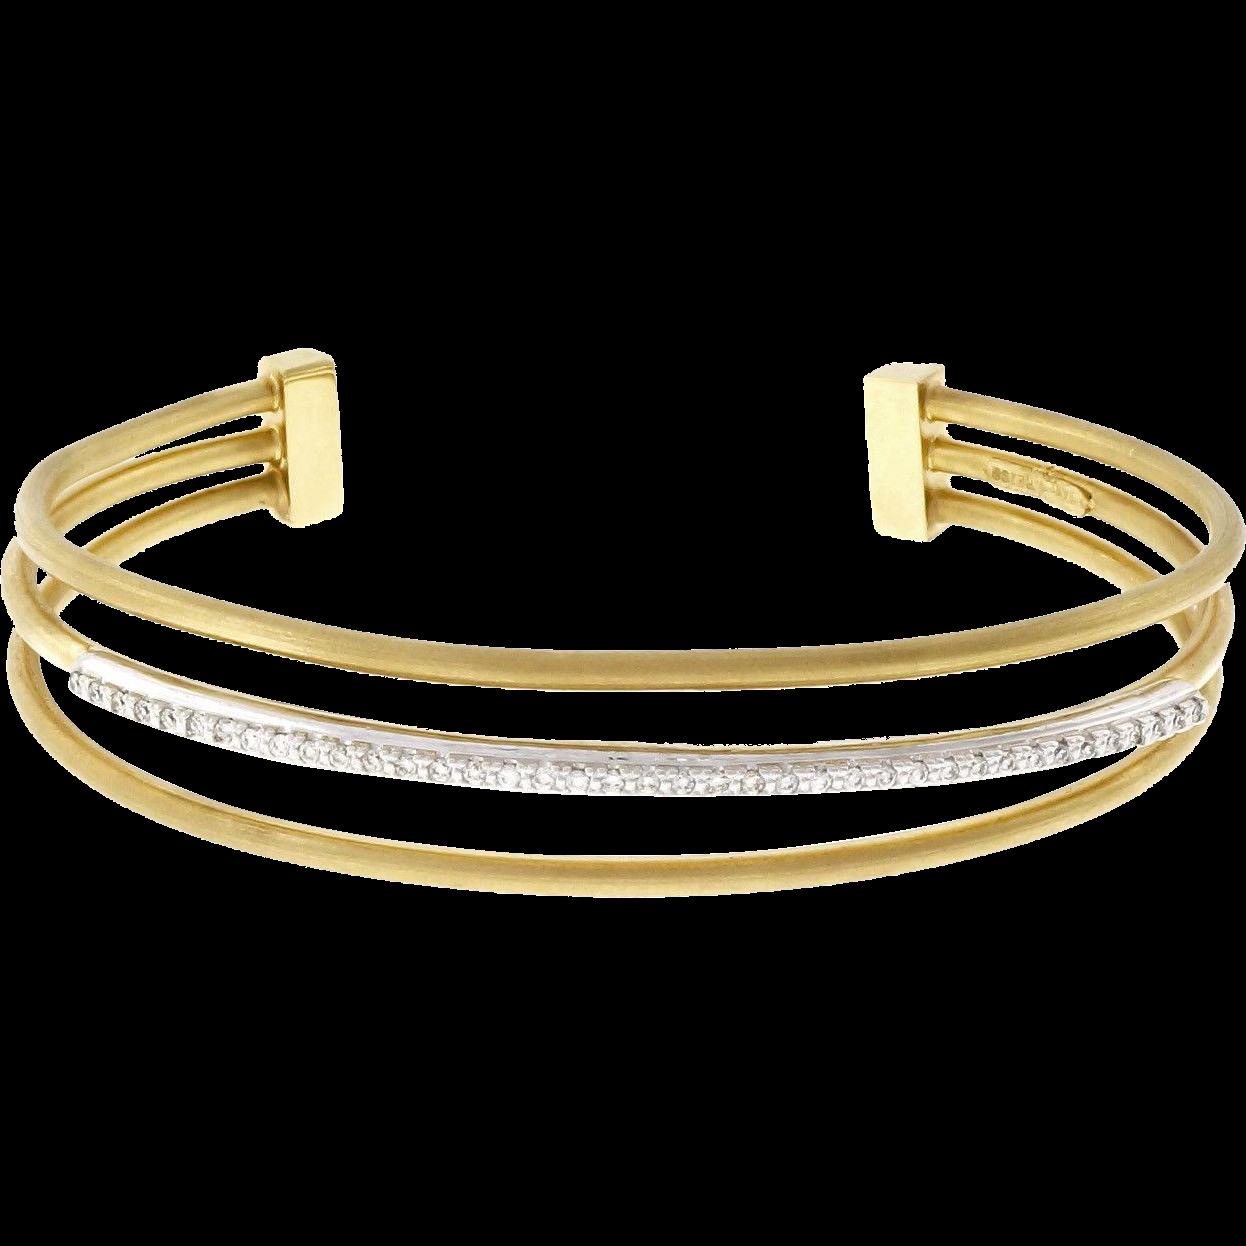 Isaac Reiss Diamond 14 Karat Yellow White Gold Three Row Slip On Bangle Bracelet